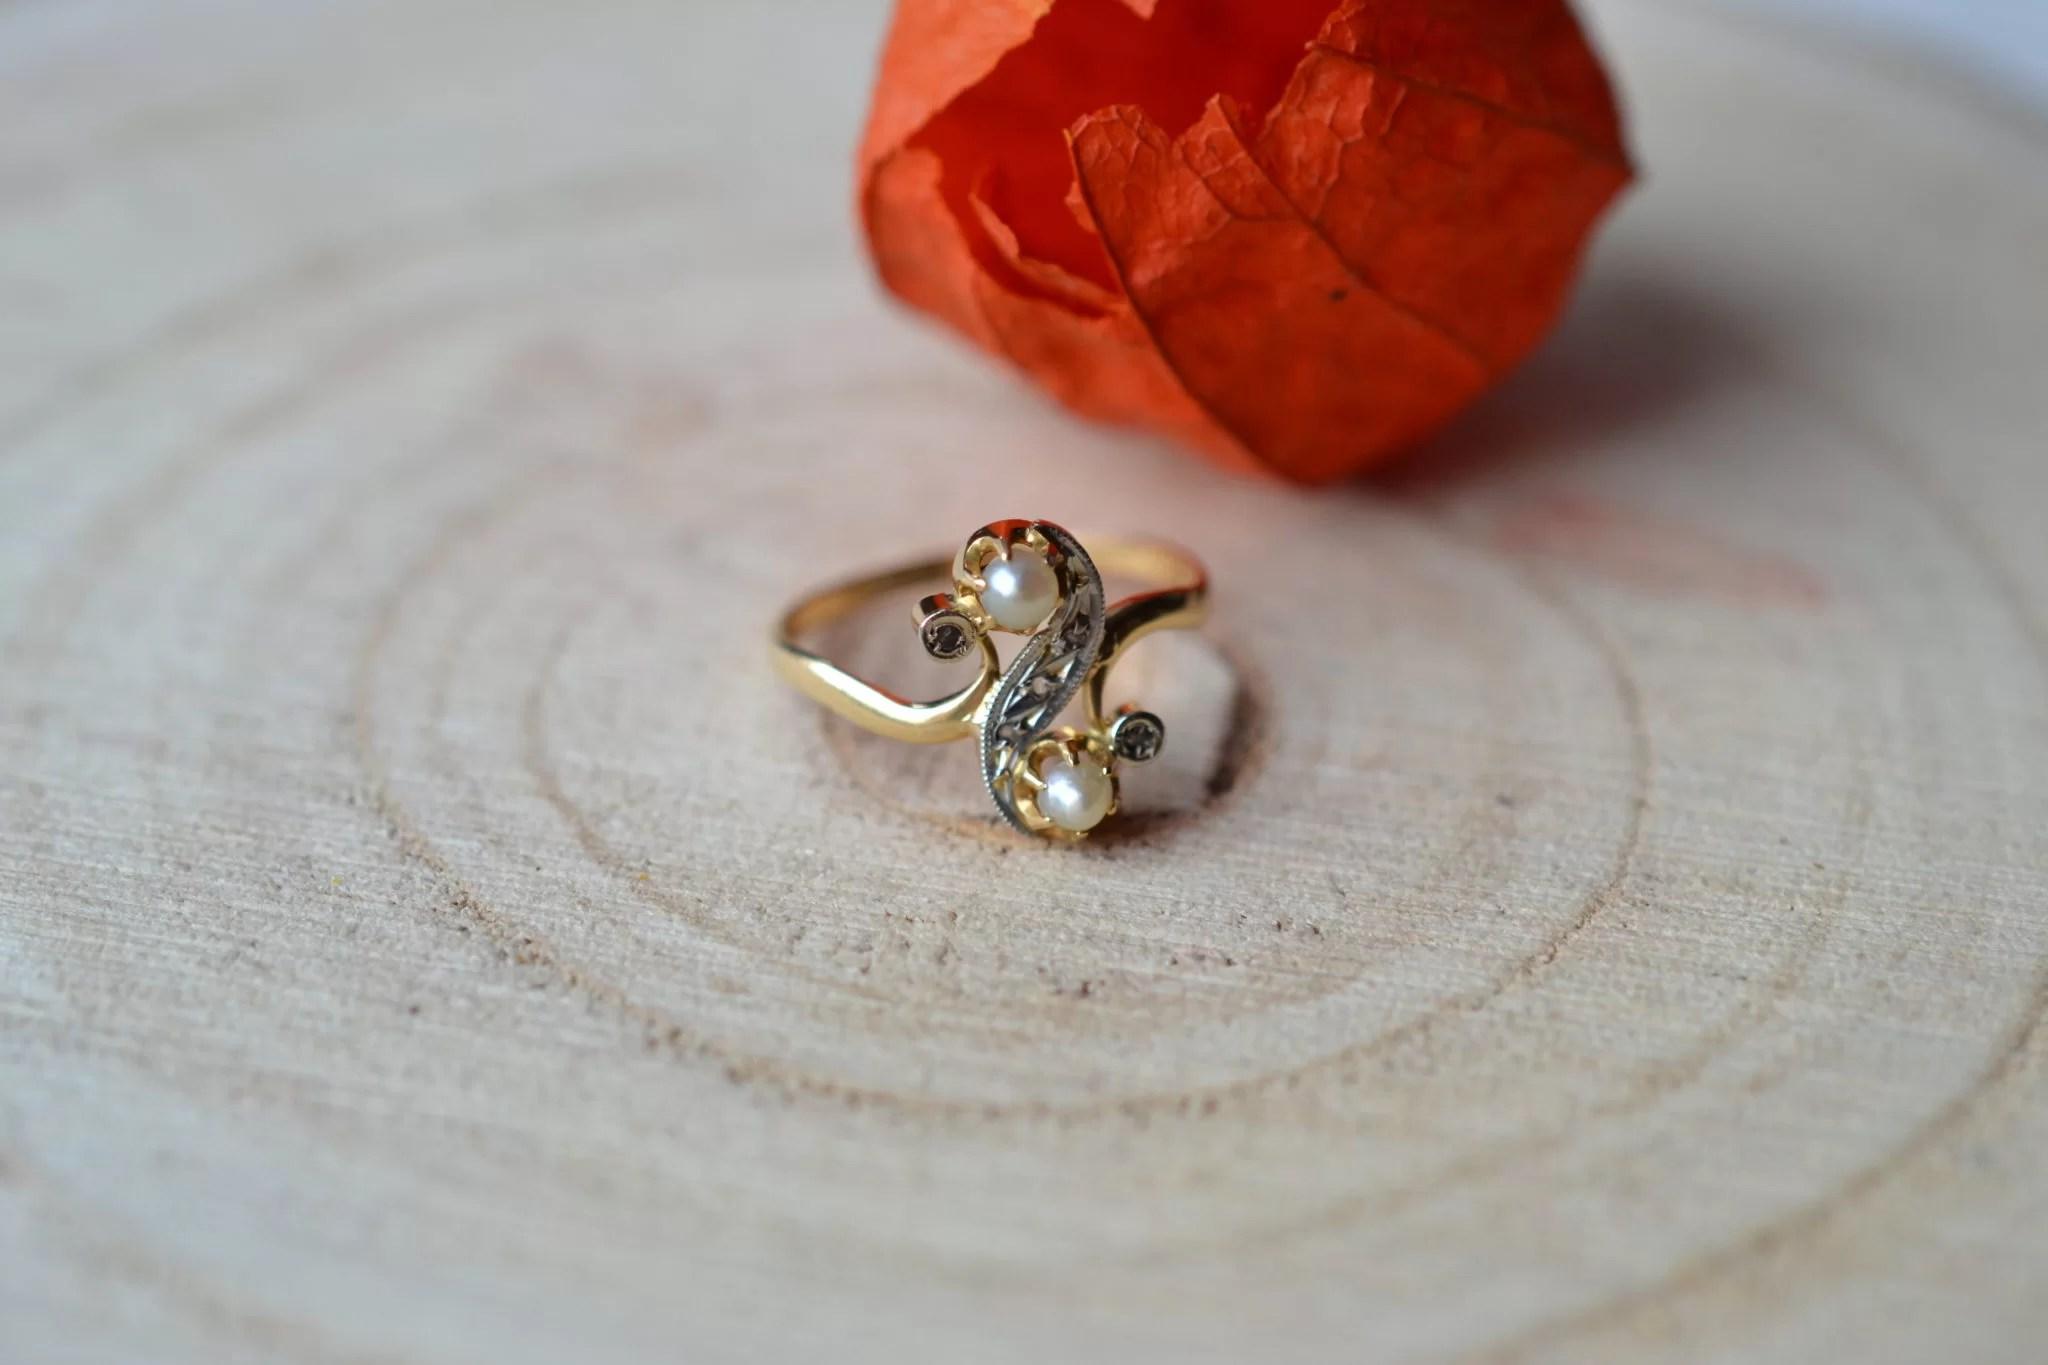 Bague En Or Jaune Et Or Blanc, Agrémentée De Deux Perles Boutons Et De Diamants - Bague Ancienne